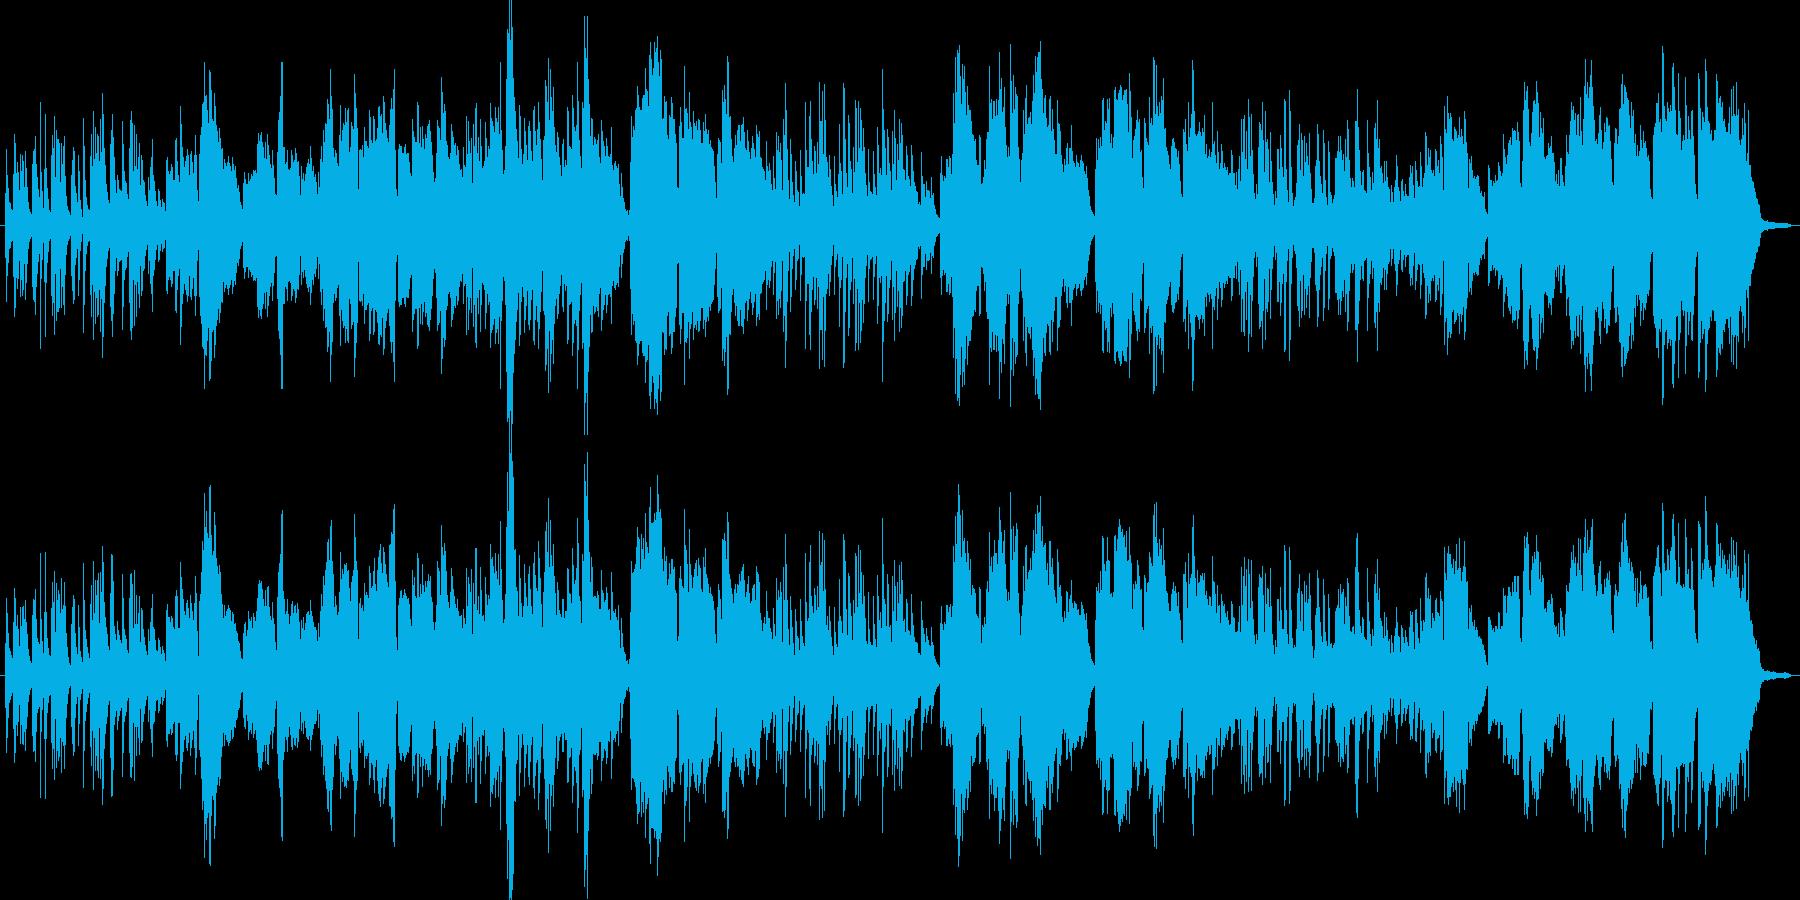 ピアノとボーカルのみのシンプルなアレン…の再生済みの波形